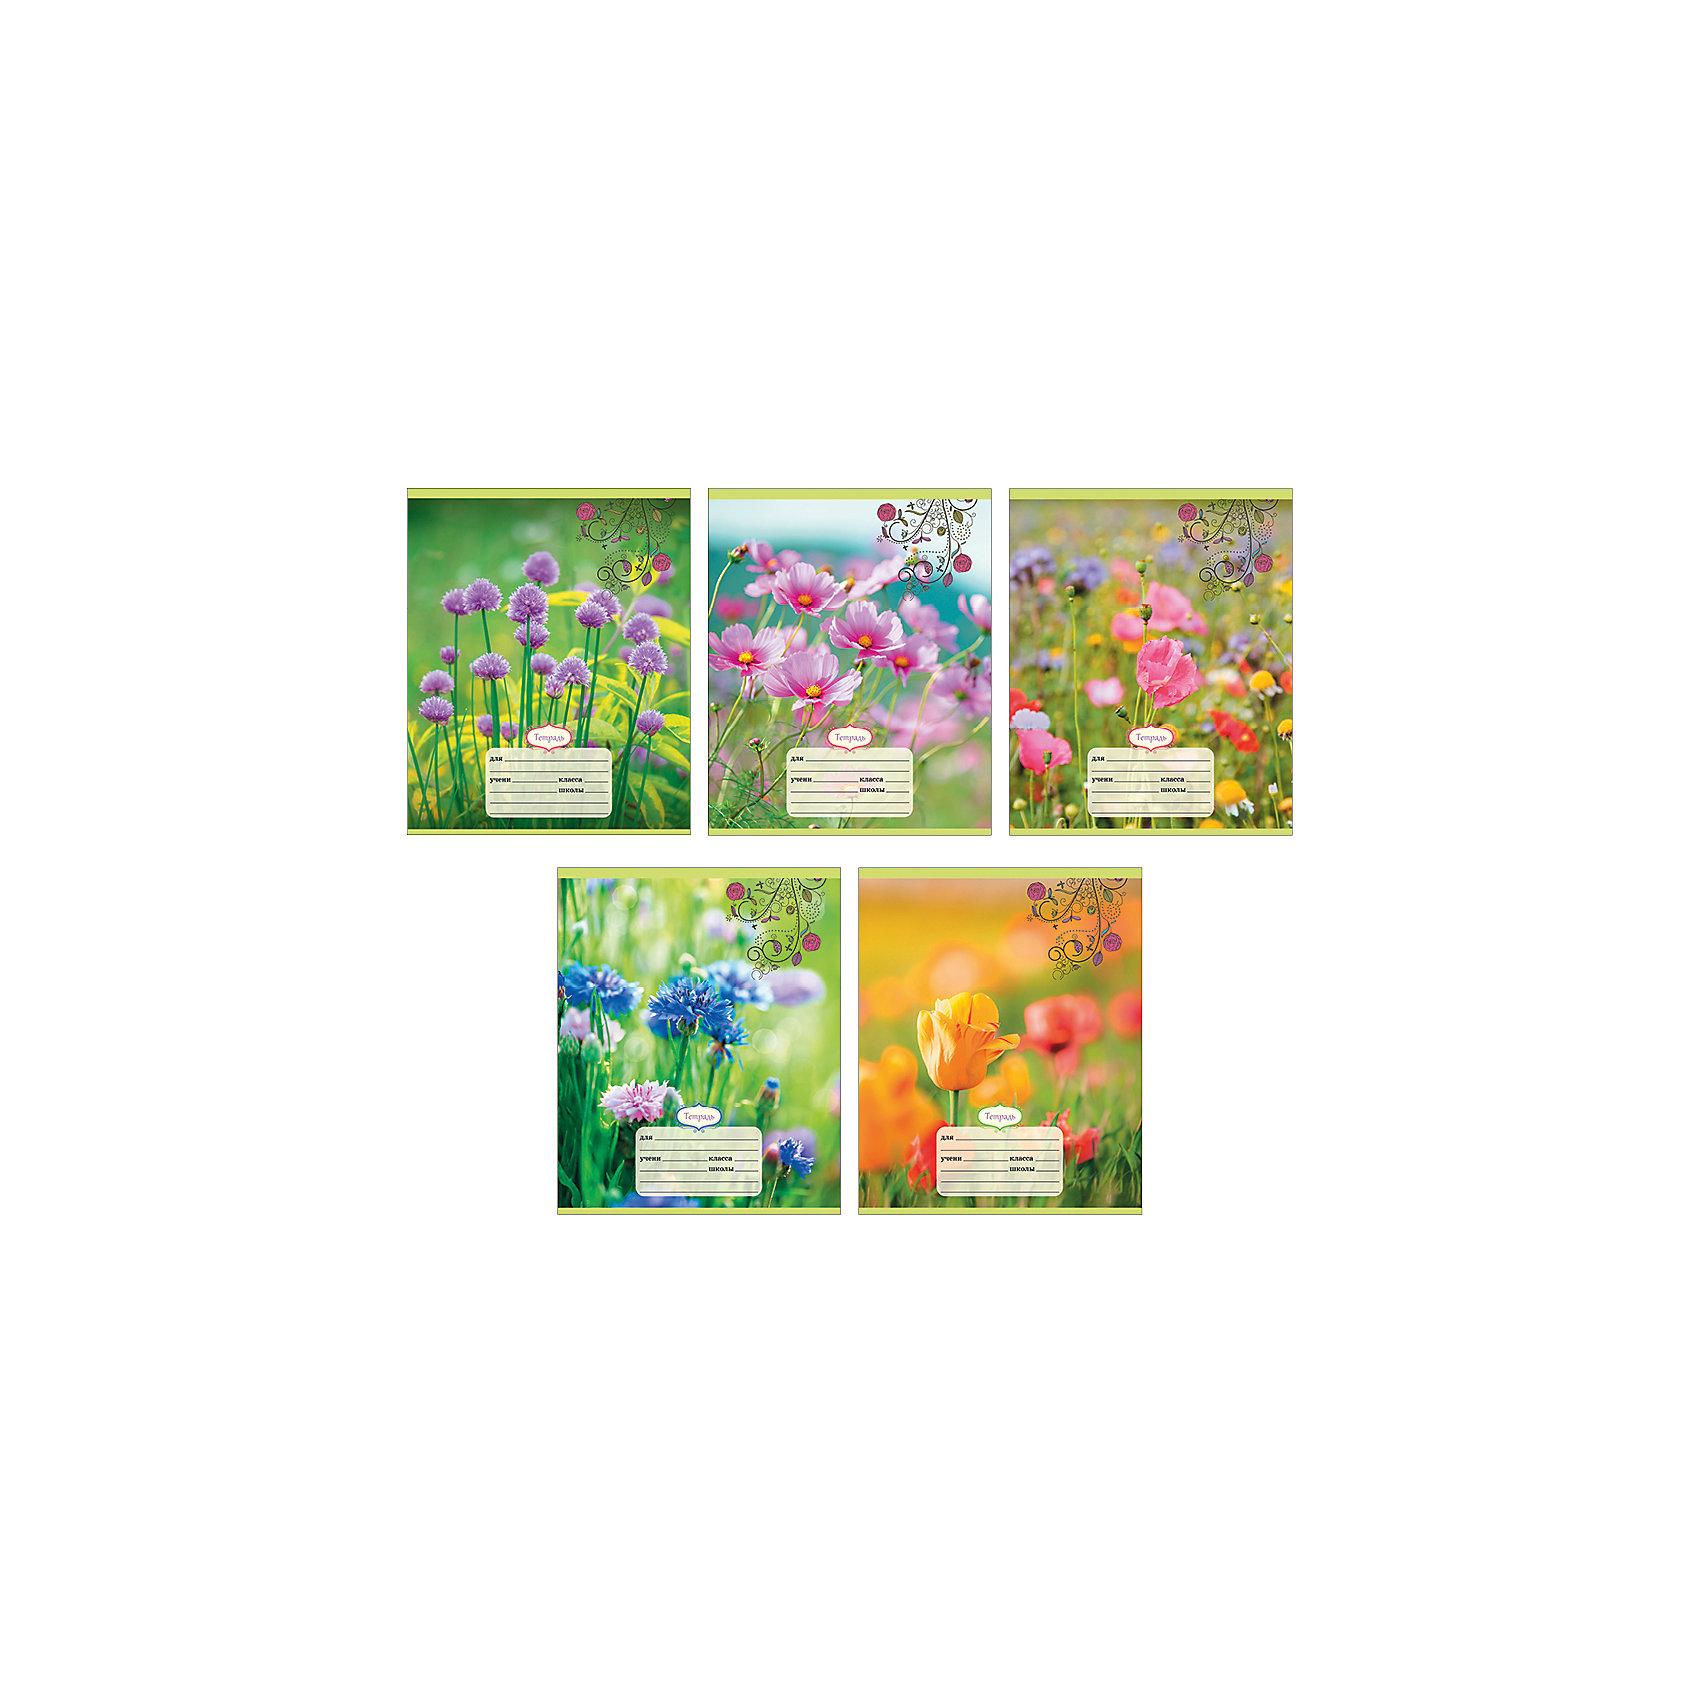 Комплект тетрадей Полевые цветы (10 шт), 24 листа, Канц-ЭксмоБумажная продукция<br>Характеристики комплекта тетрадей Полевые цветы:<br><br>• размеры: 20.2х16.3х3.5 см<br>• количество листов: 24 шт.<br>• разлиновка: клетка<br>• формат: А 5 <br>• комплектация: тетрадь<br>• бумага: офсет, плотностью 60 г/м2.<br>• Бренд: Канц-Эксмо<br>• страна бренда: Россия<br>• страна производителя: Россия<br><br>Комплект тетрадей Полевые цветы от производителя Канц-Эксмо выполнен в формате А5. Количество листов 24, тетради в клетку с полями. Крепление: скрепка. Обложка у изделий плотная - мелованный картон. Тетради будут незамимы помощниками в школе. <br><br>Комплект тетрадей Полевые цветы торговой марки Канц-Эксмо можно купить в нашем интернет-магазине.<br><br>Ширина мм: 202<br>Глубина мм: 163<br>Высота мм: 20<br>Вес г: 67<br>Возраст от месяцев: 72<br>Возраст до месяцев: 2147483647<br>Пол: Женский<br>Возраст: Детский<br>SKU: 5448398